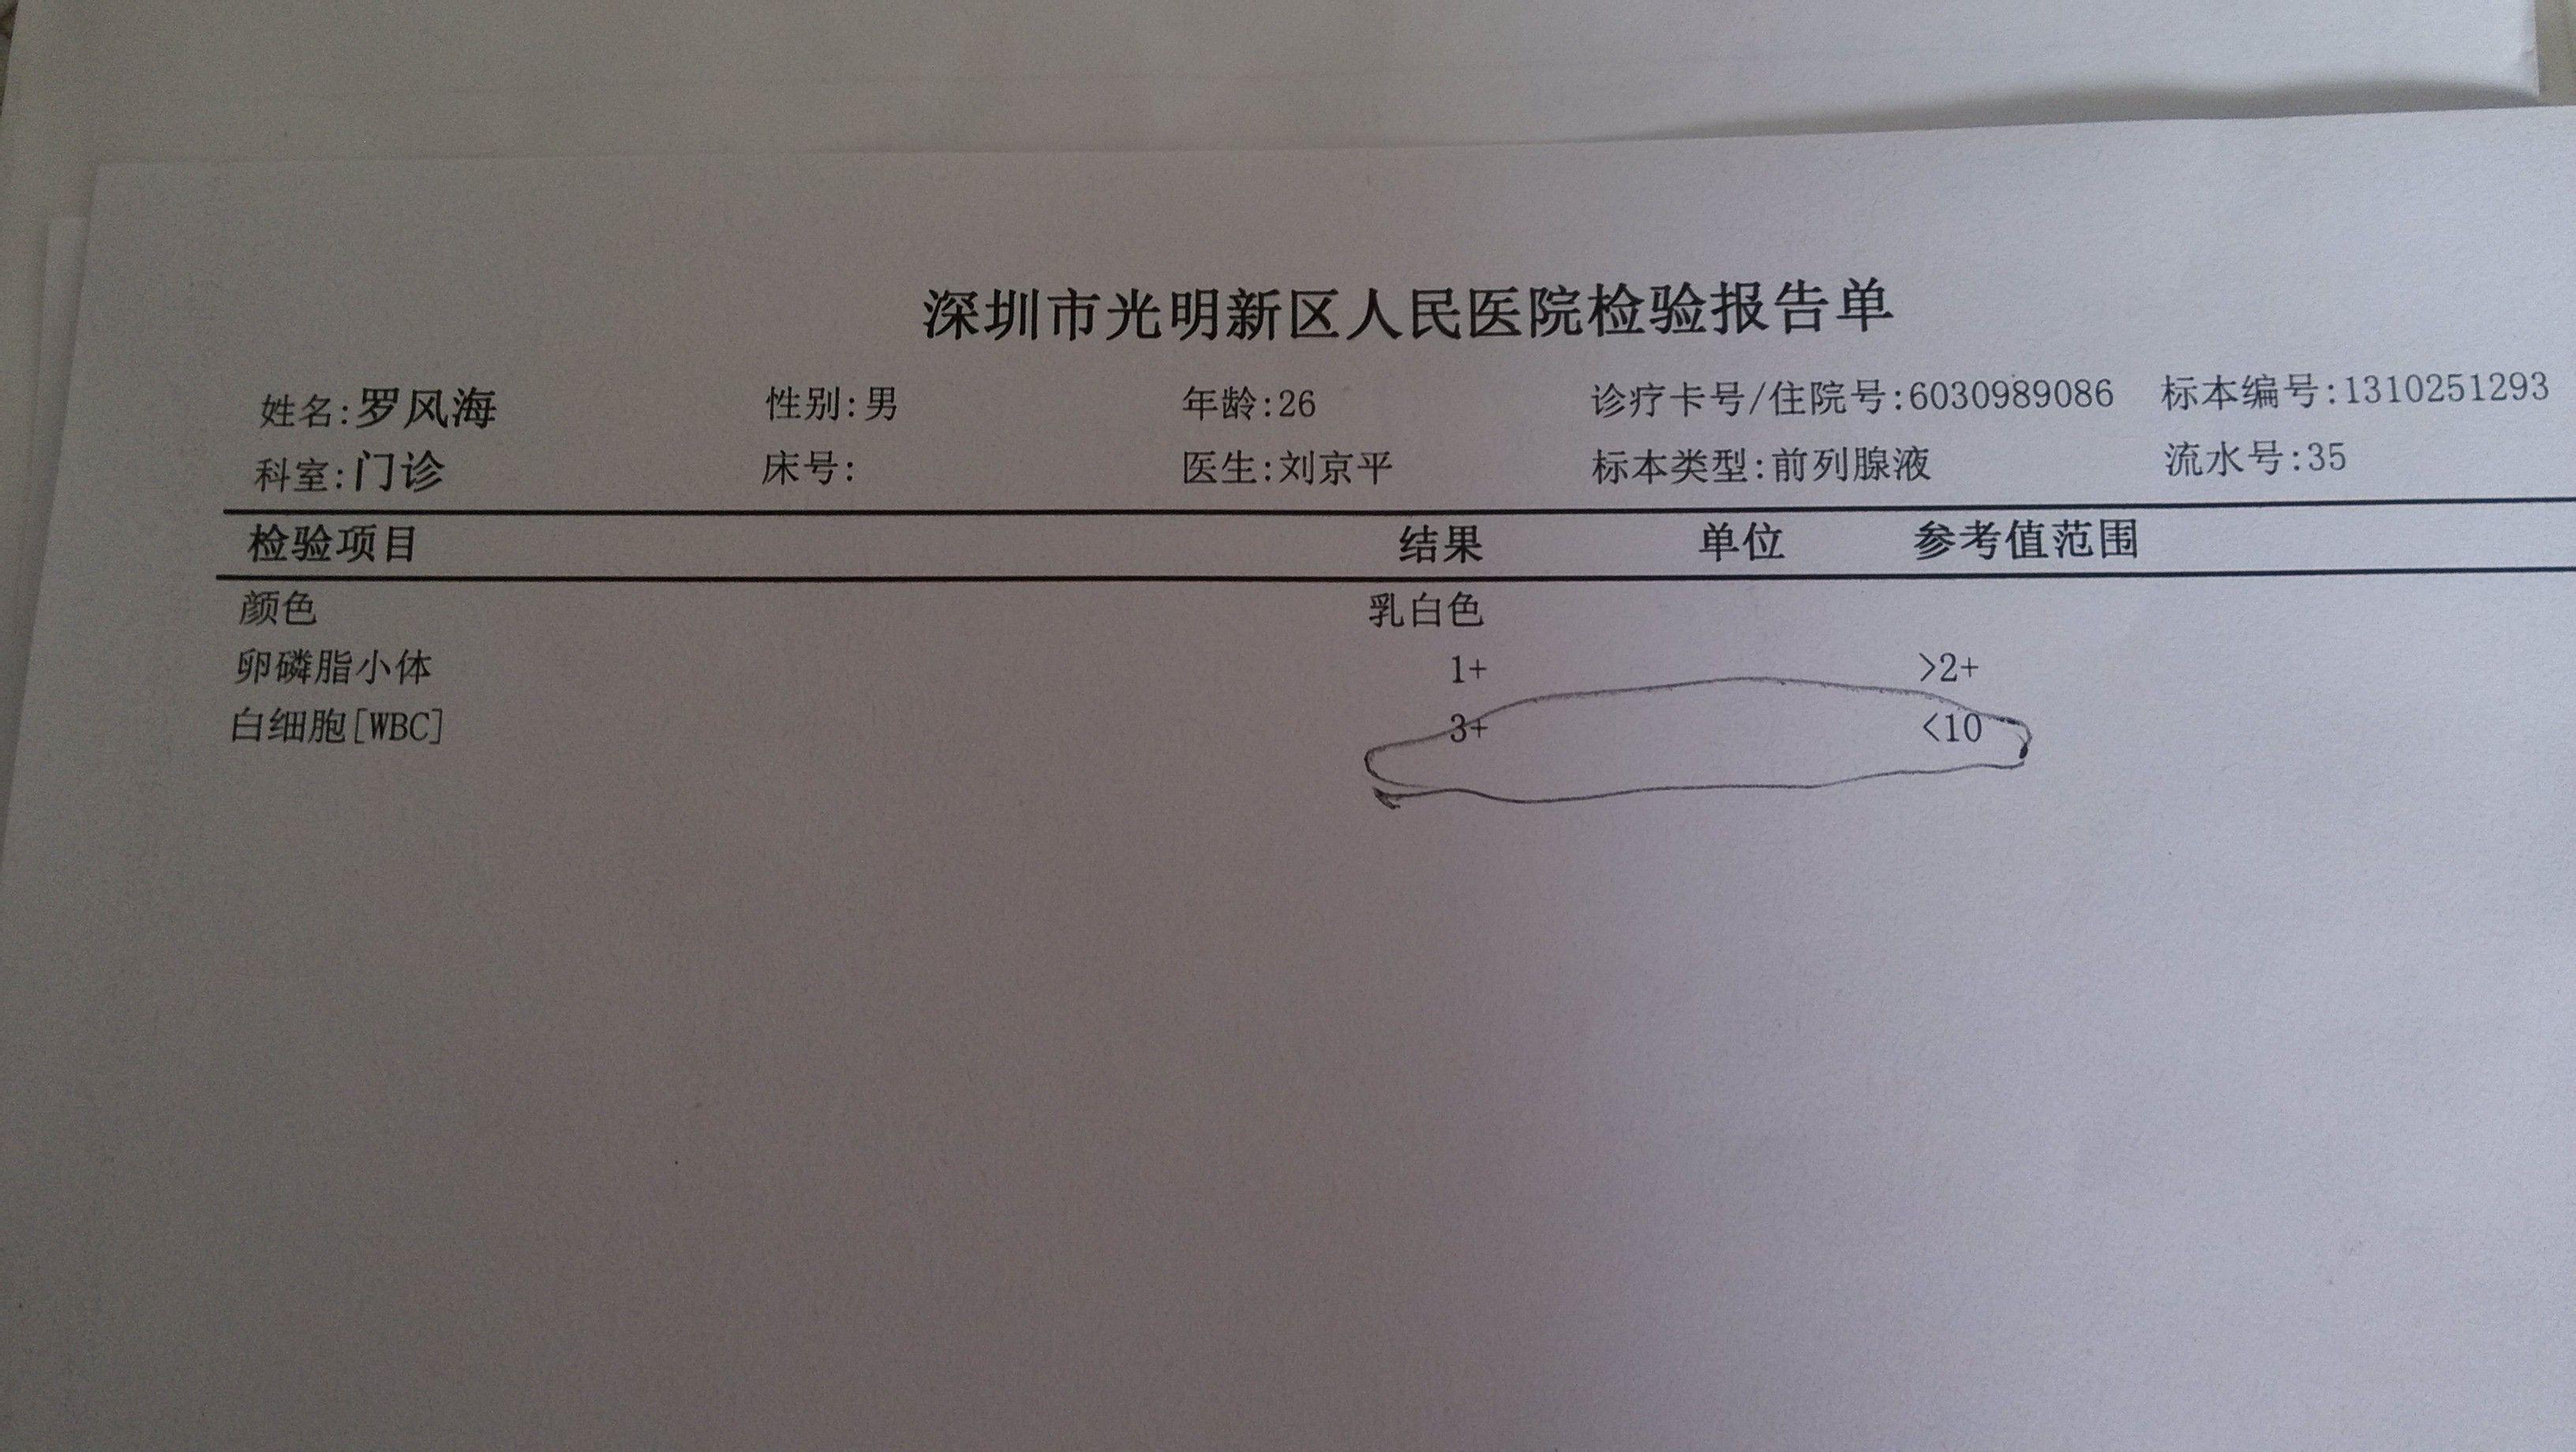 怎么�:j�9df9m�y�i�(c9b�_前列腺炎,怎么治,什么医院好?我在深圳公明